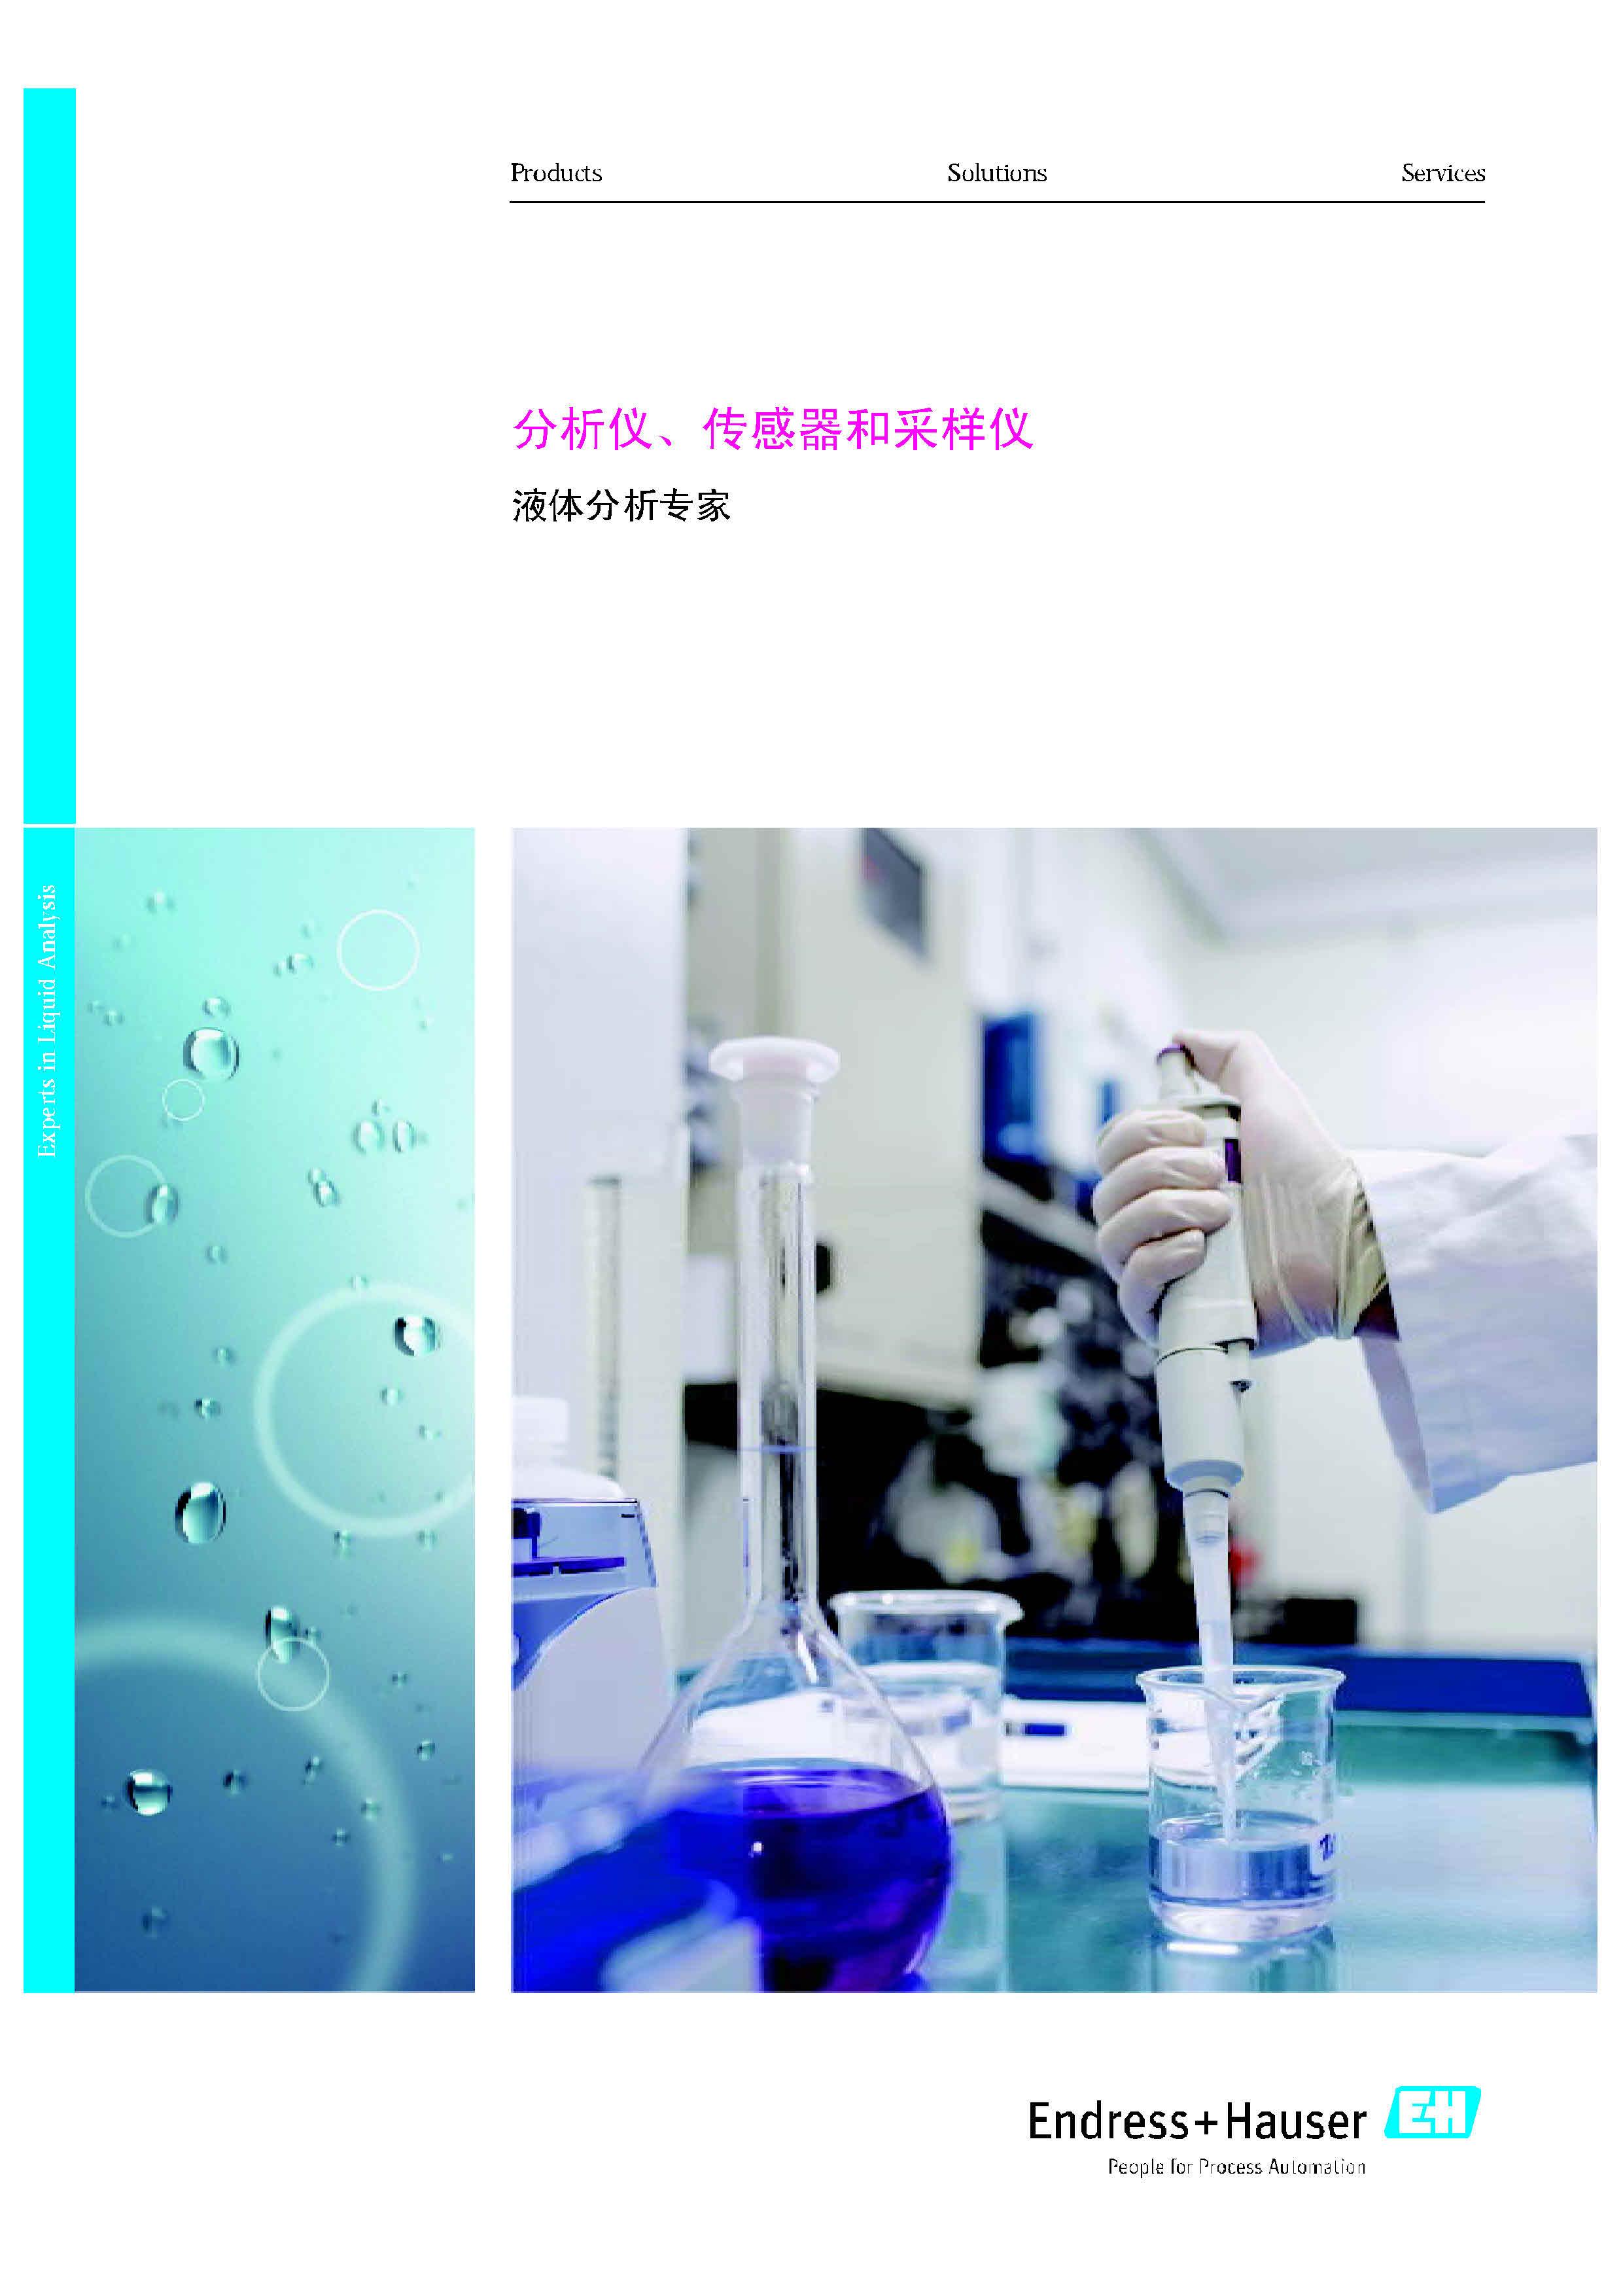 E+H水质仪表及测量原理  分析仪、传感器和采样器 液体分析专家